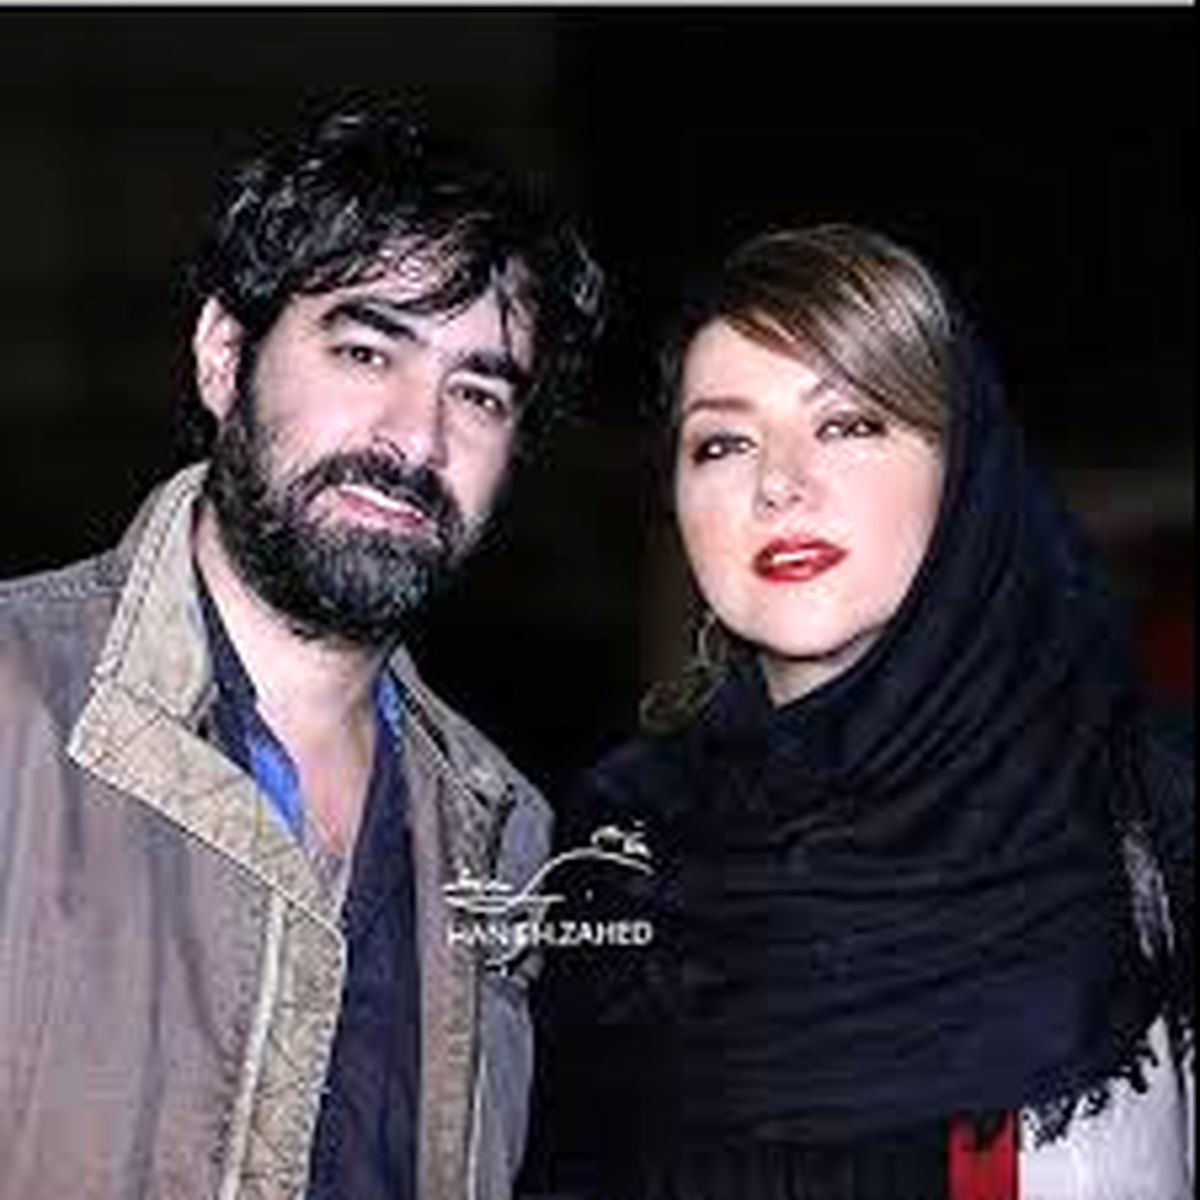 شایعه   طلاق شهاب حسینی از همسرش علنی شد + عکس و بیوگرافی